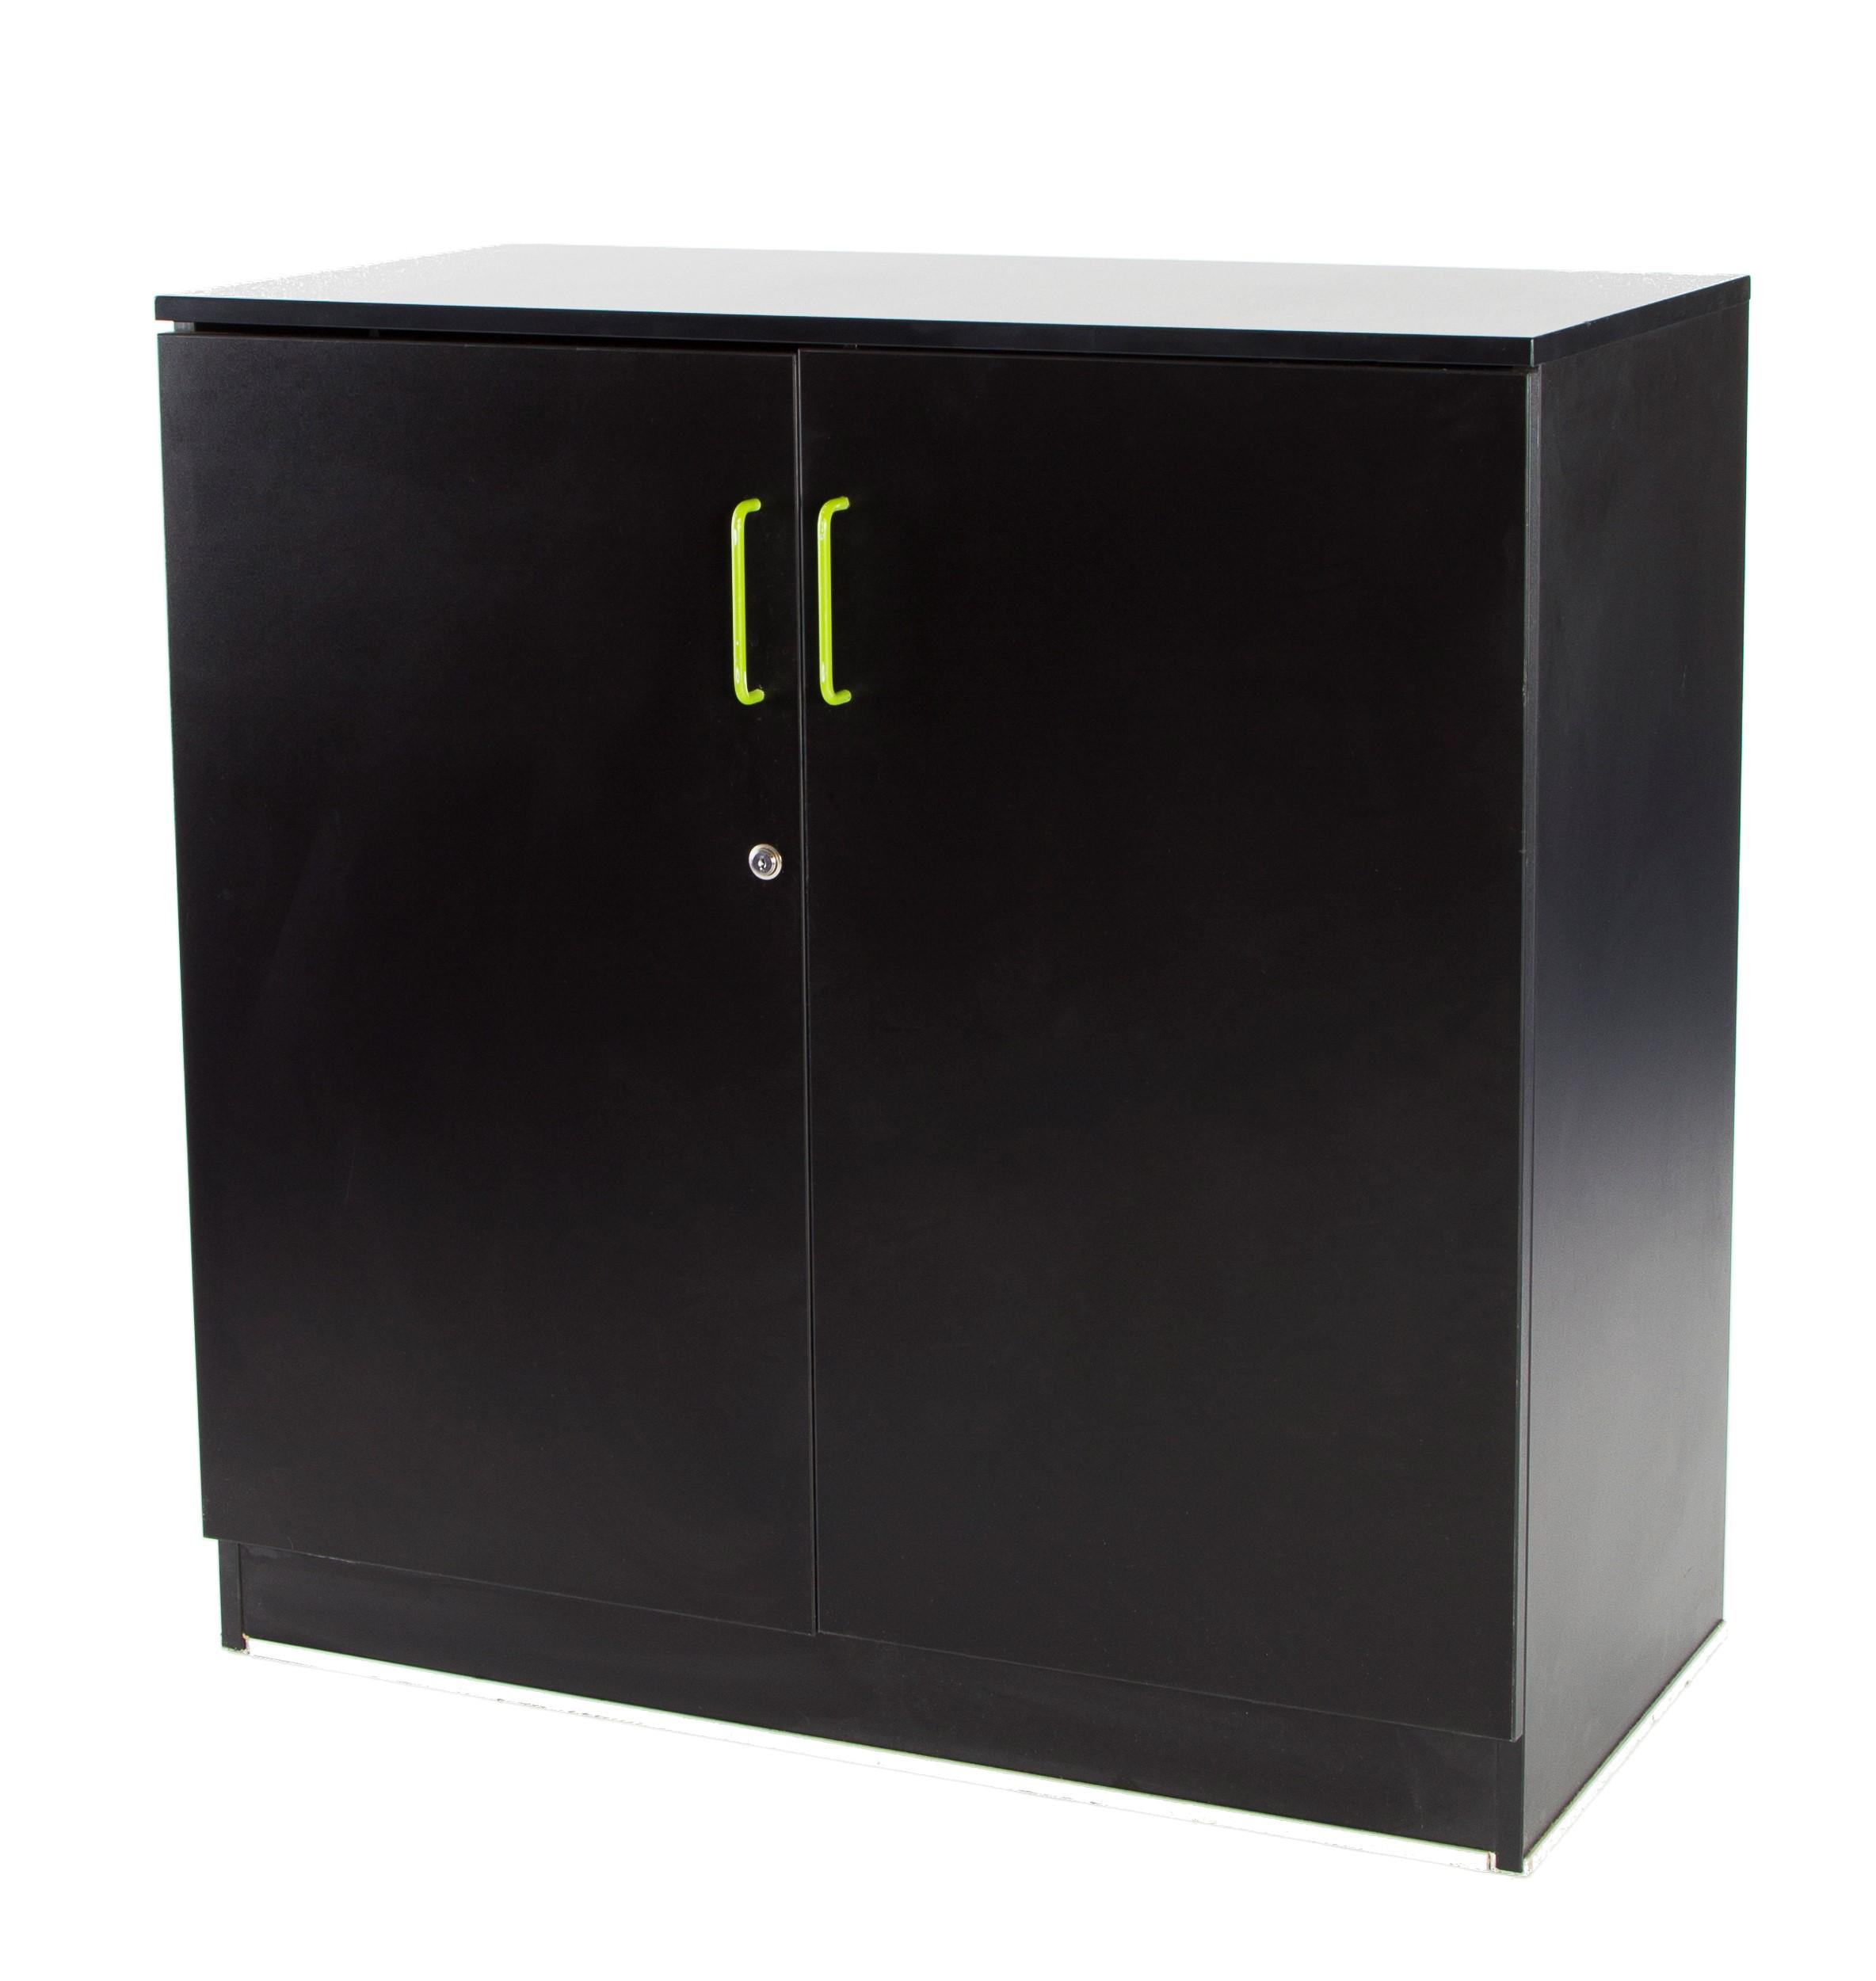 2 Door Cupboard - CB50